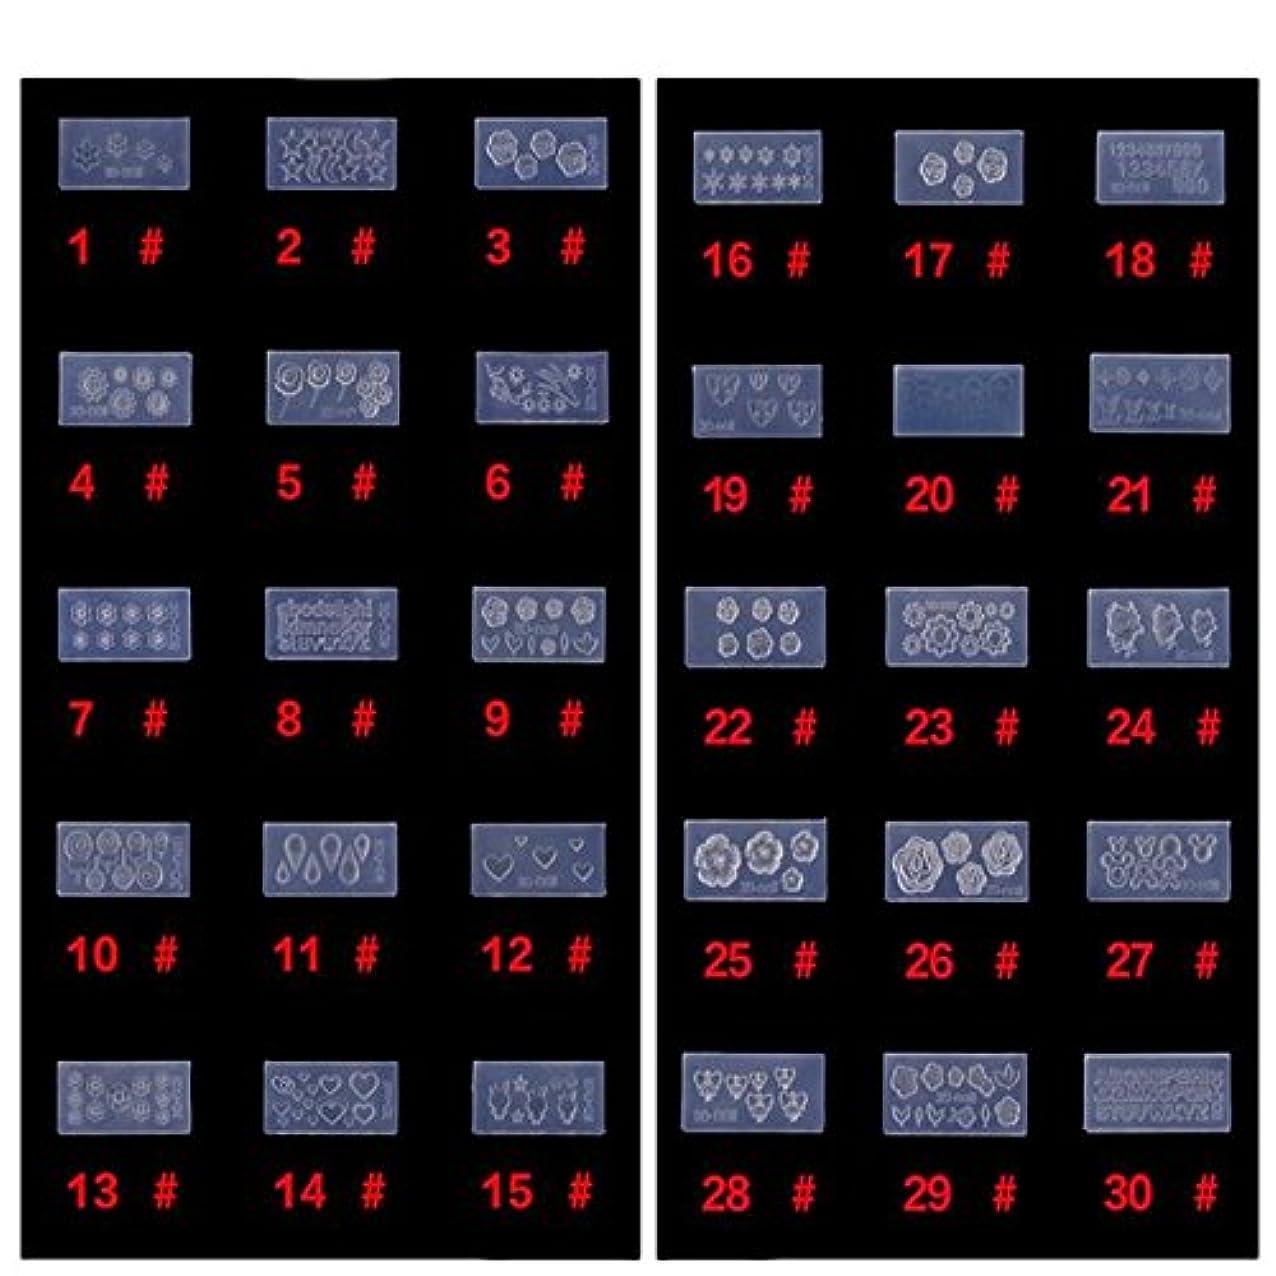 有益偽善ブロッサムシリコン モールド 3D ネイル用 アートデコ まとめて30個 ランダムセット レジン 道具 型 型どり